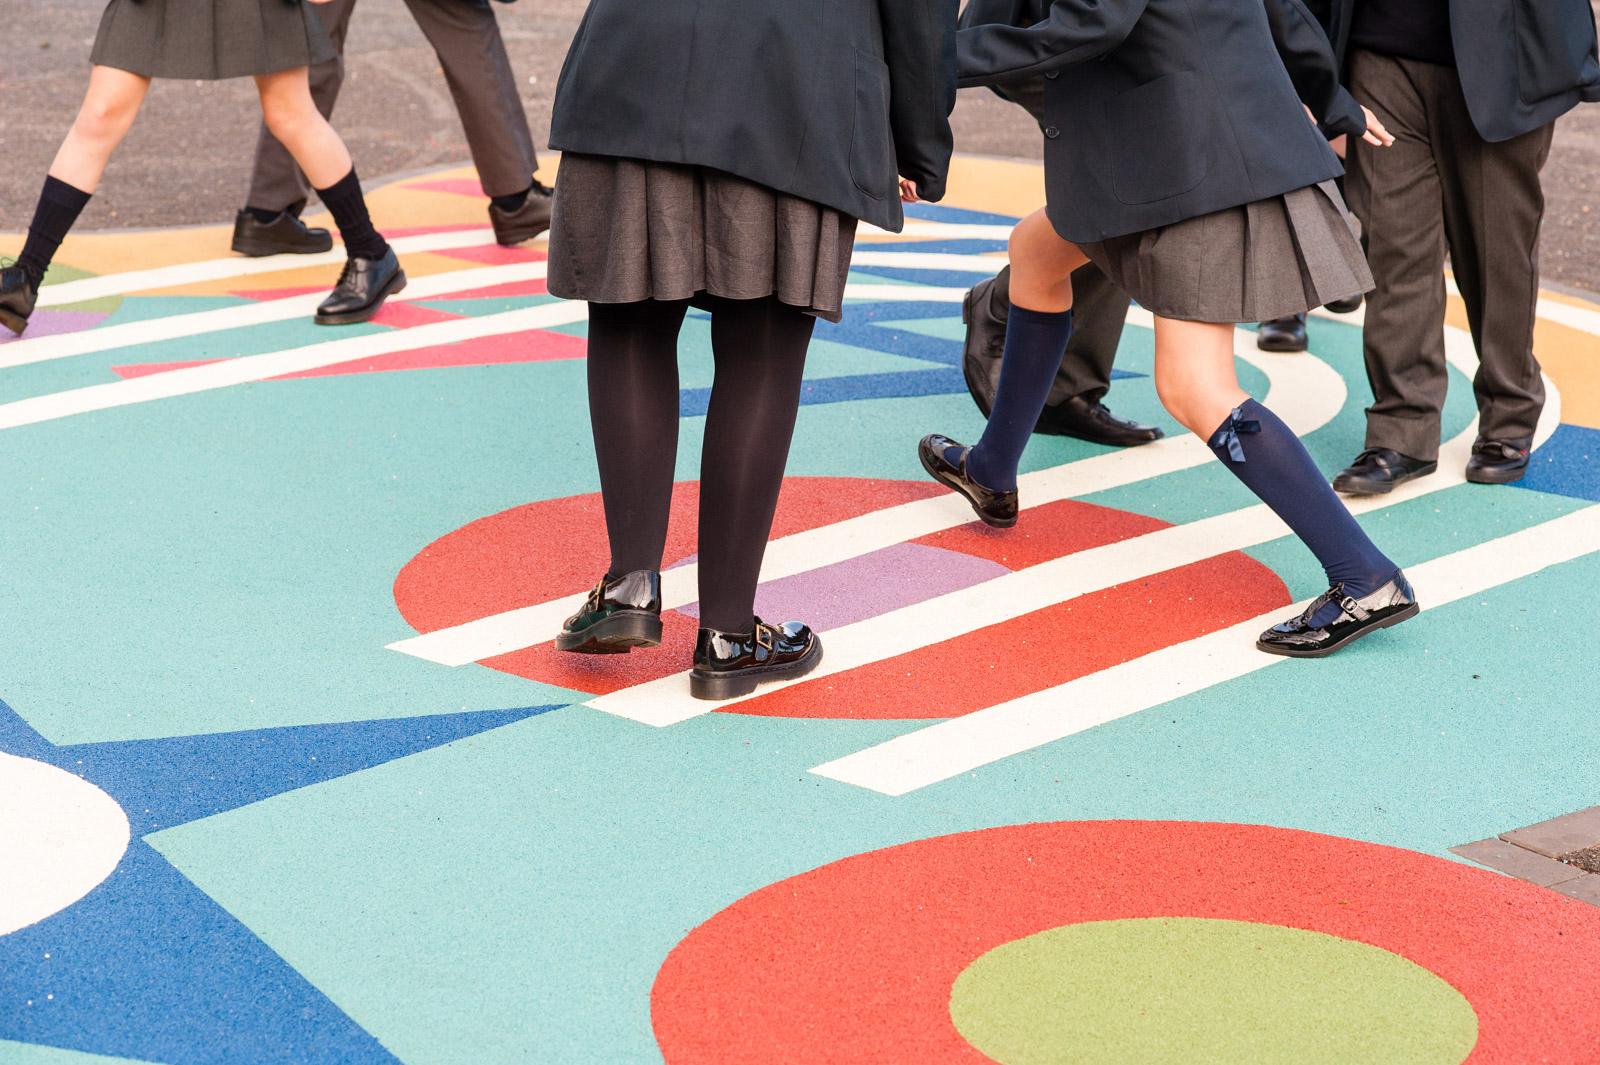 Biennial-Dazzle-Playground-1568-pete-carr.jpg